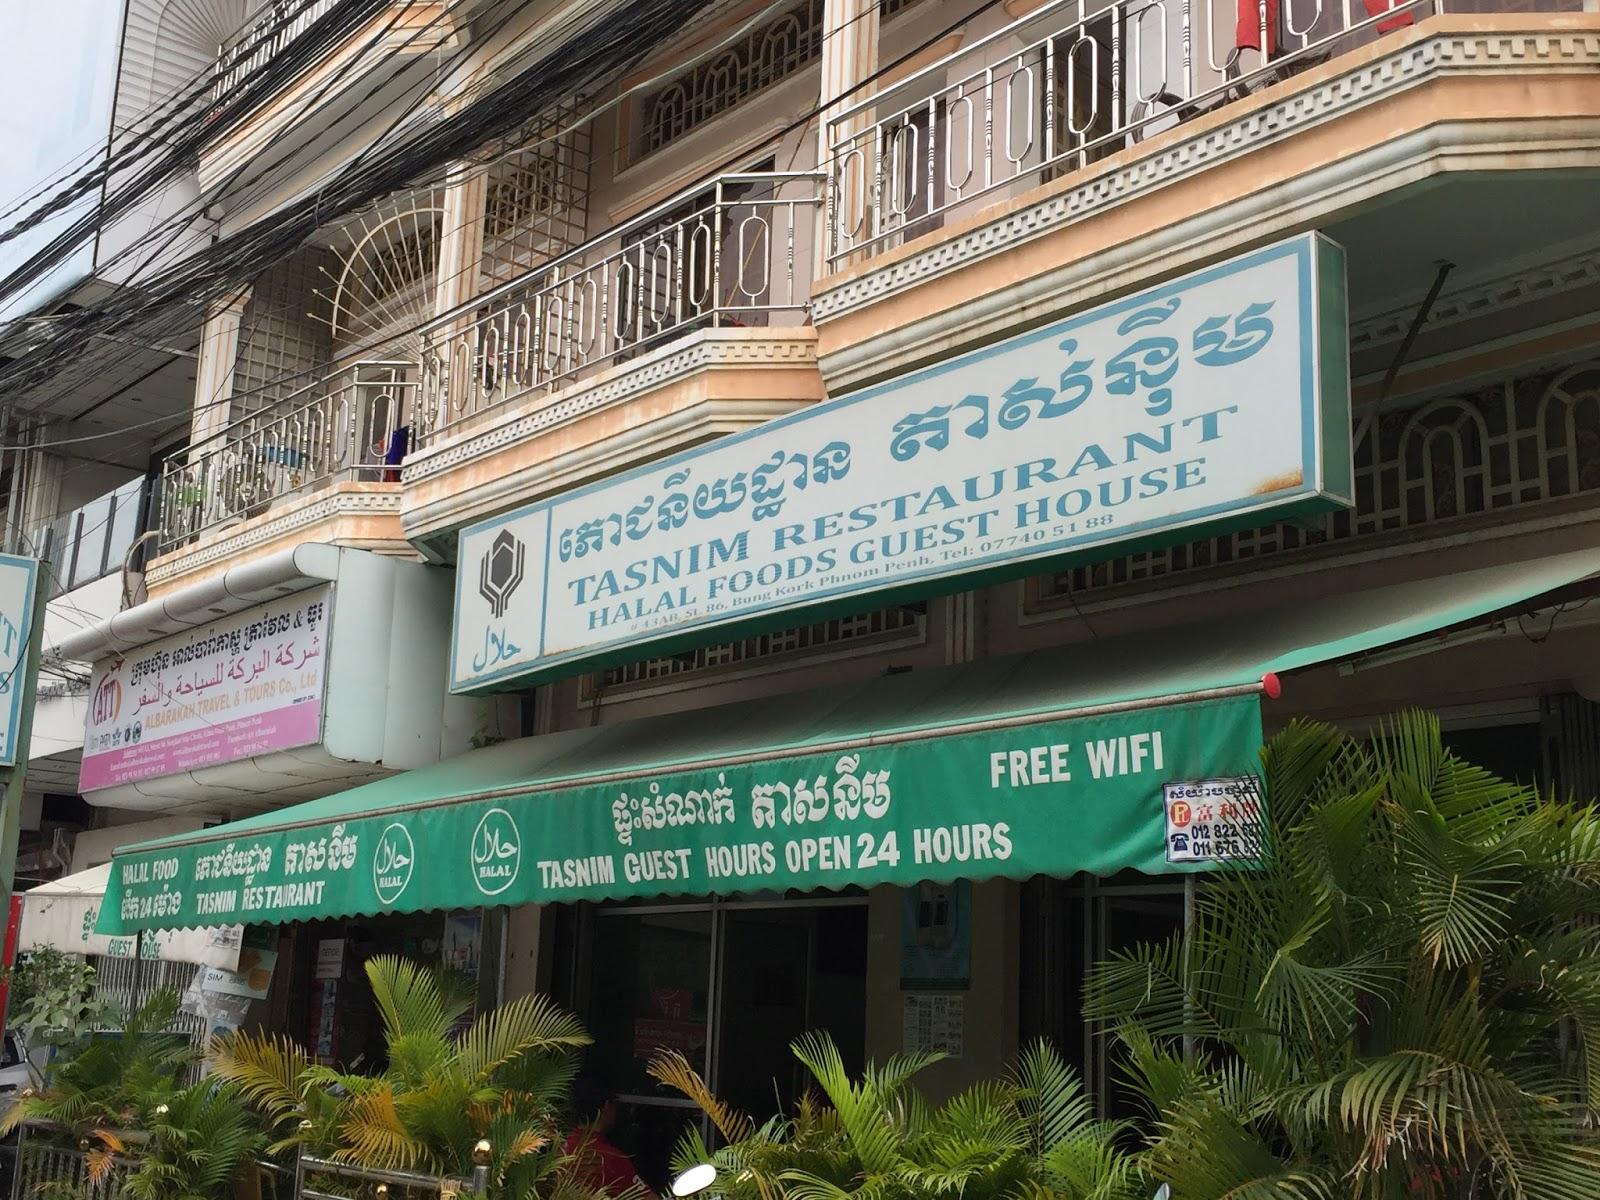 Image result for Tasnim Halal Restaurant & Guest House cambodia